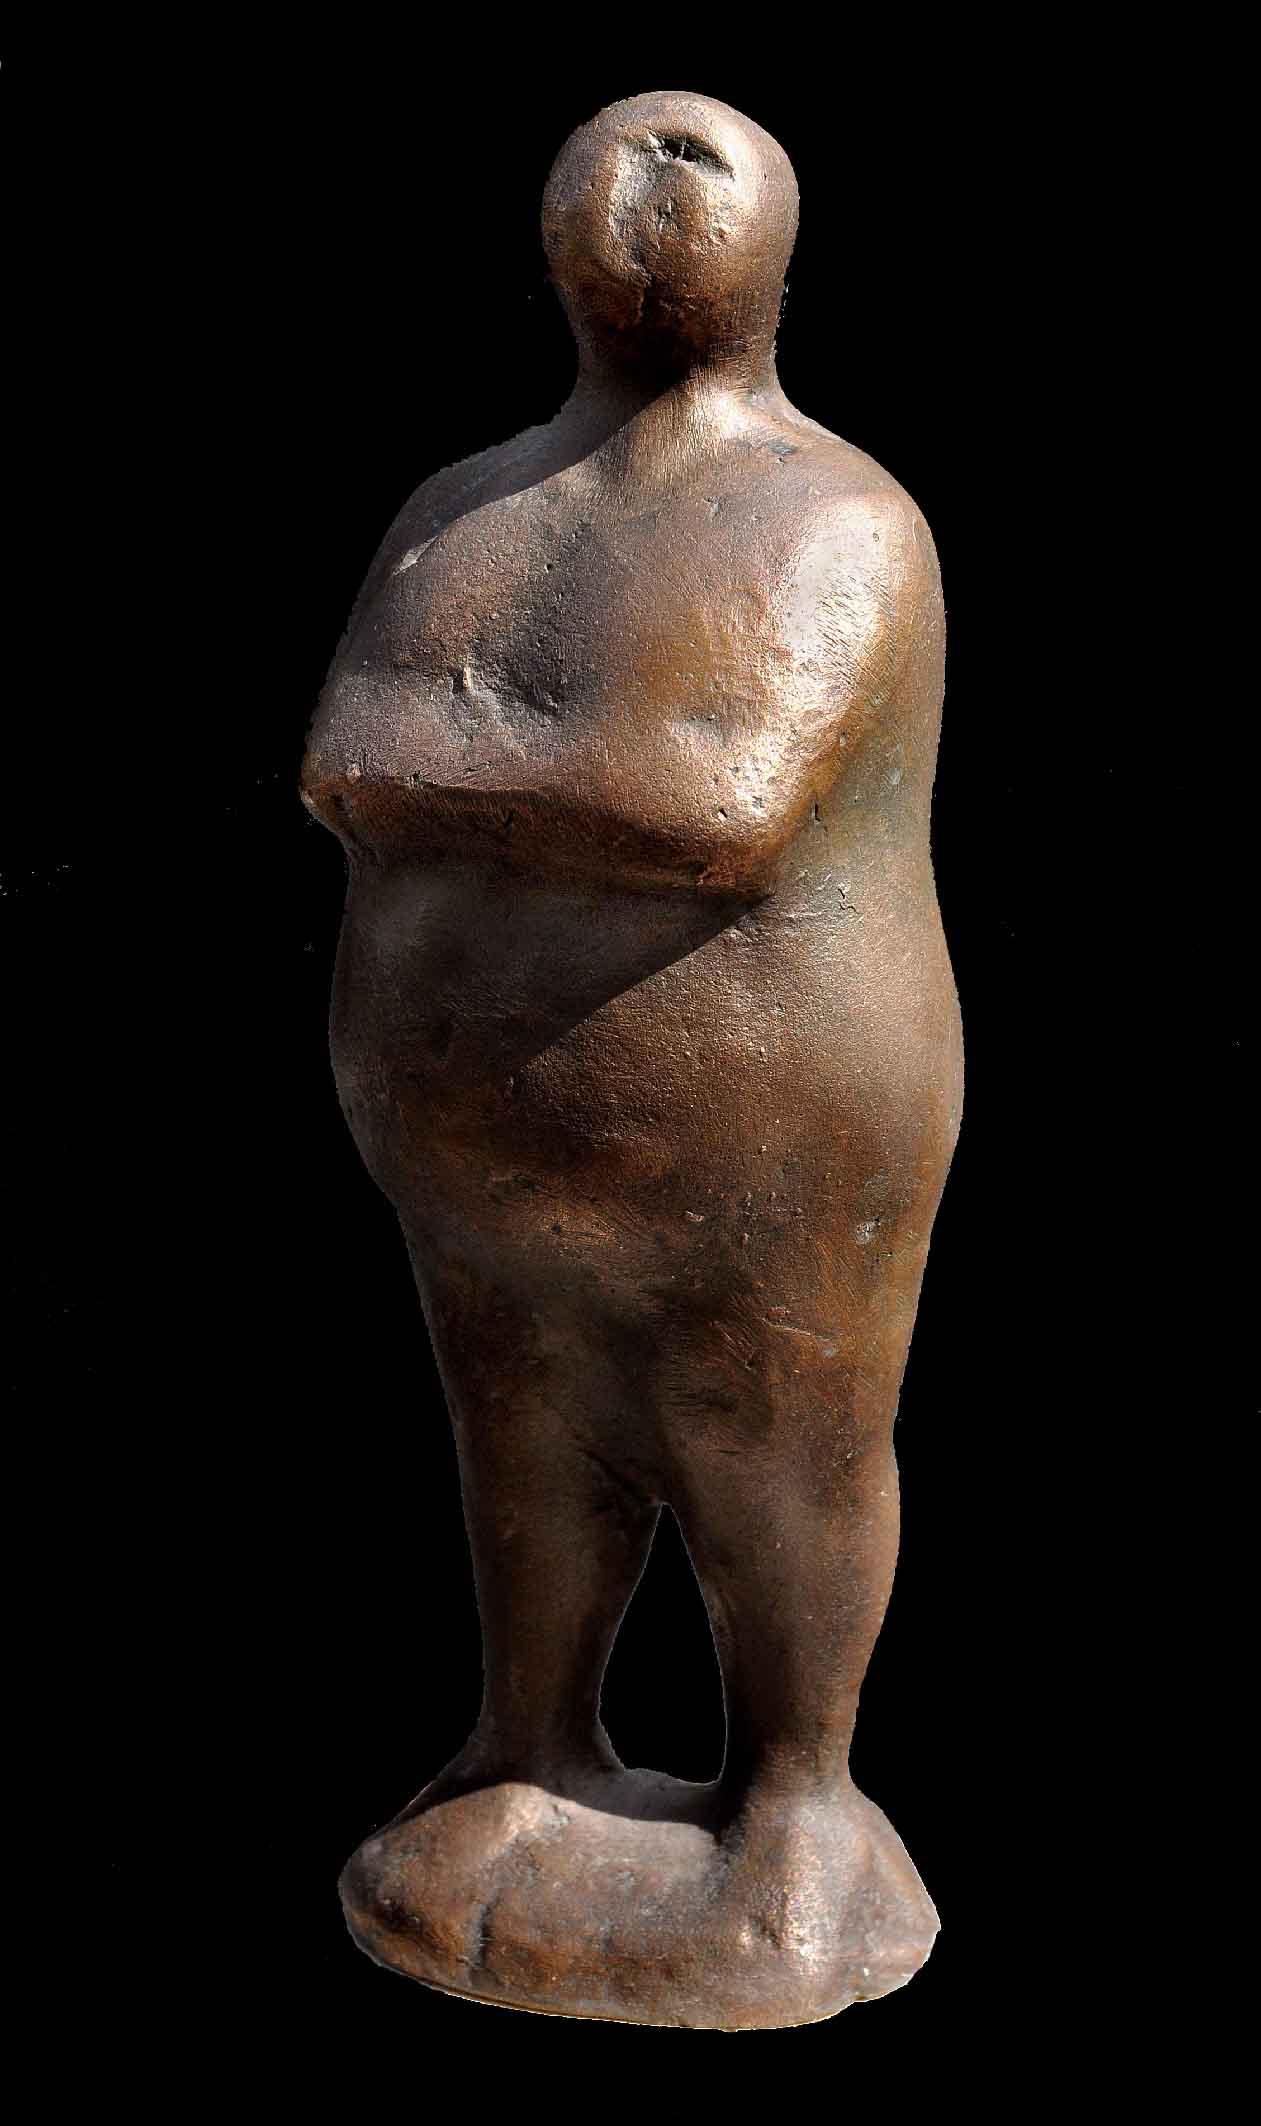 3___figura_in_piedi_bronzetto__14871